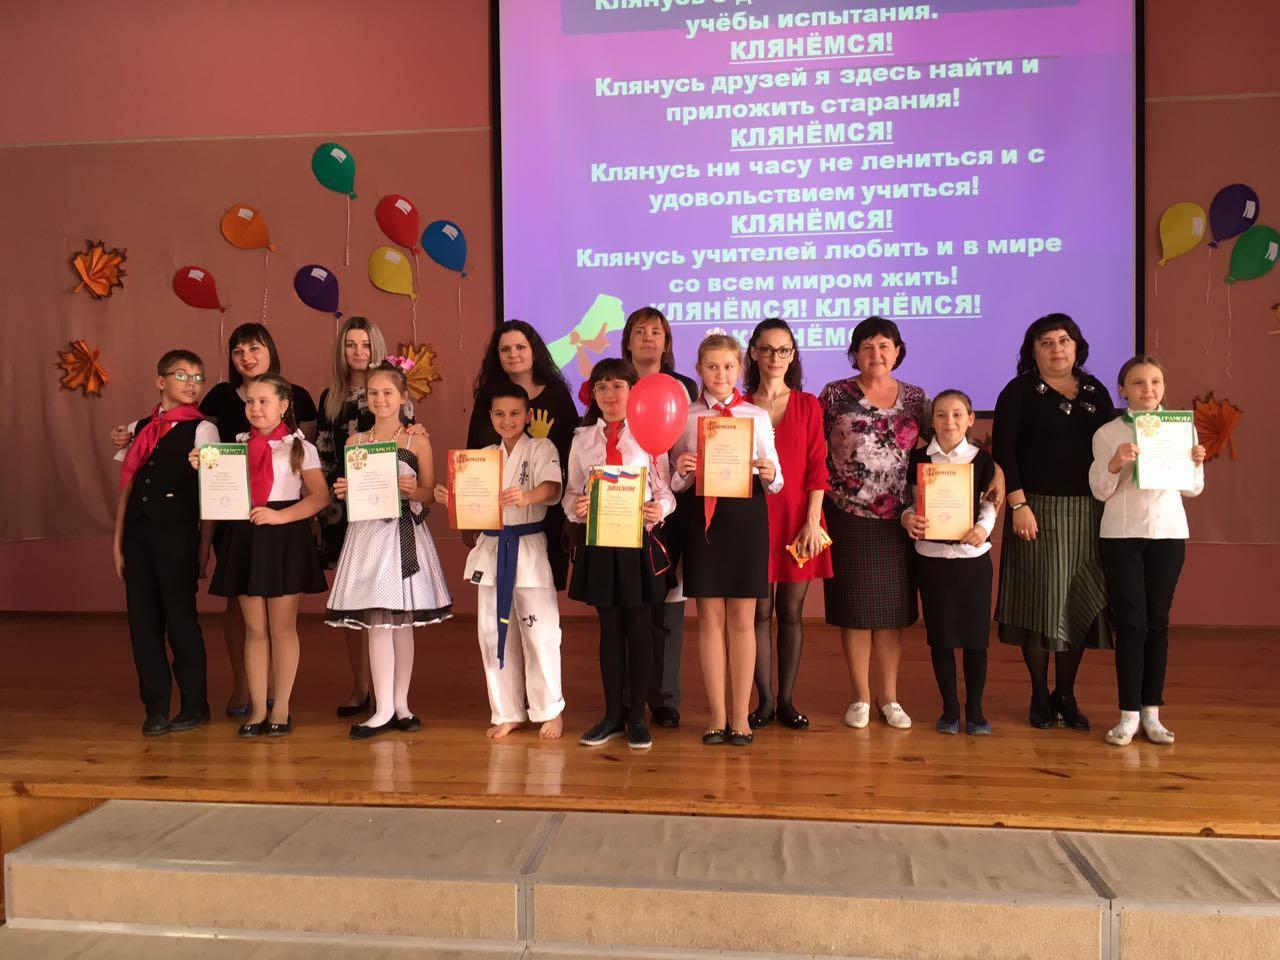 Поздравления пятиклассникам на 1 сентября от учителя фото 720